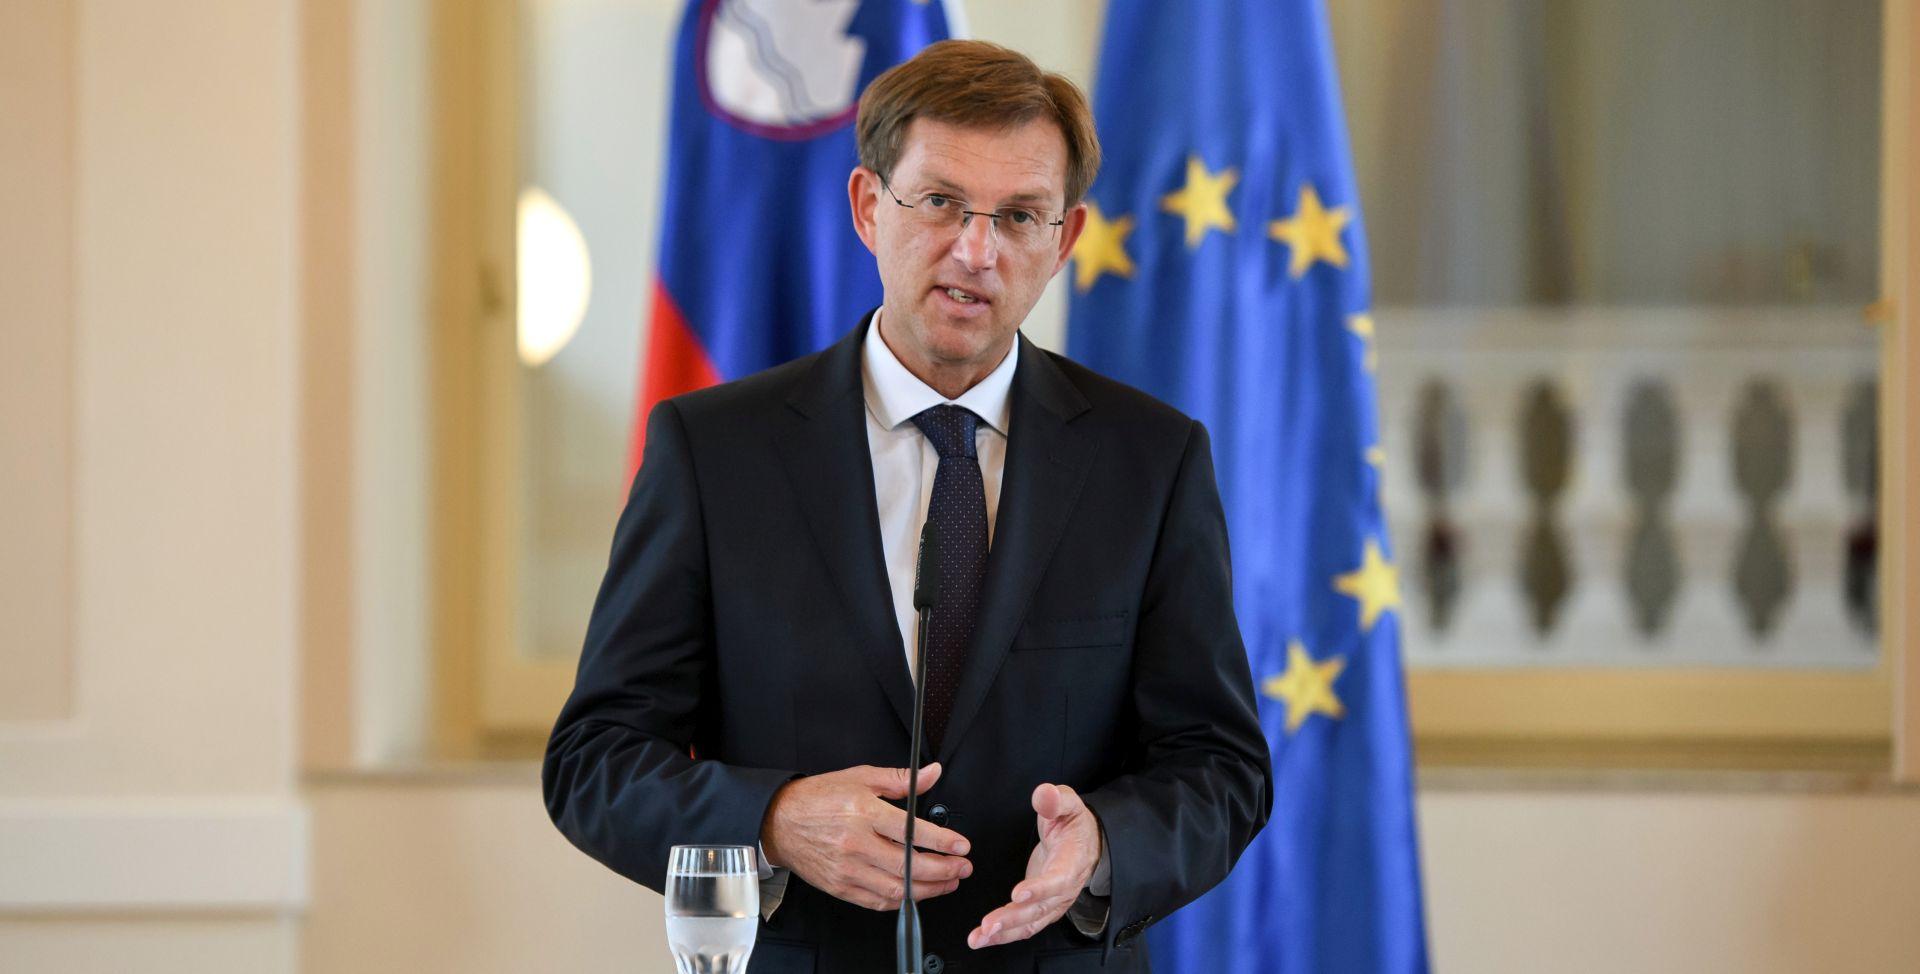 SLOVENSKI NOVINARI: Cerar je trebao dopustiti pitanja hrvatskim novinarima